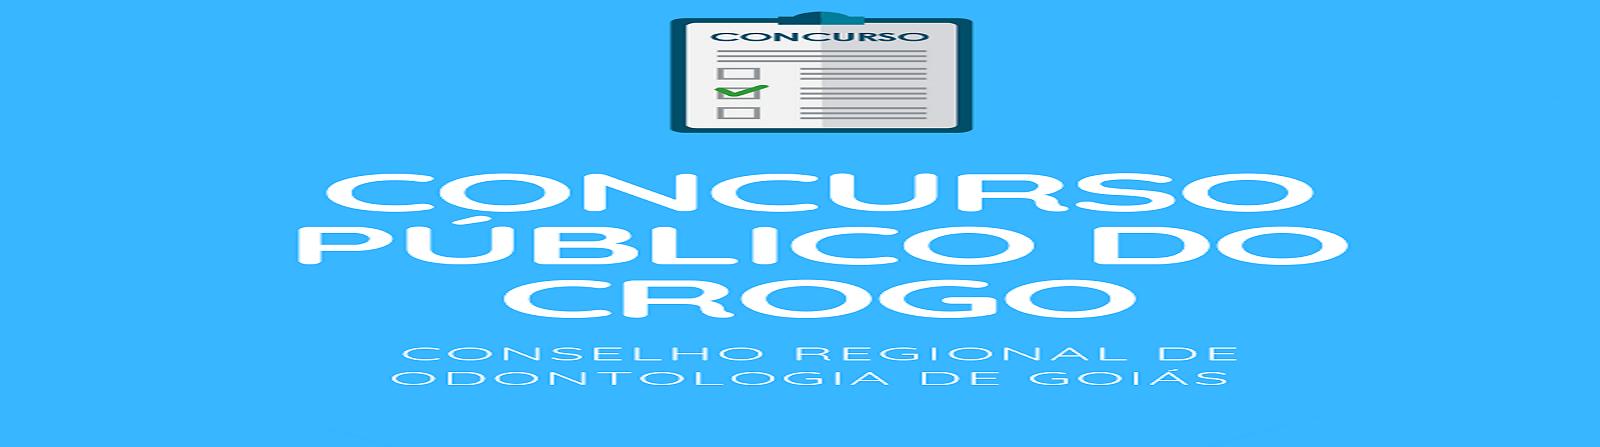 Concurso_pblico_do_Crogo